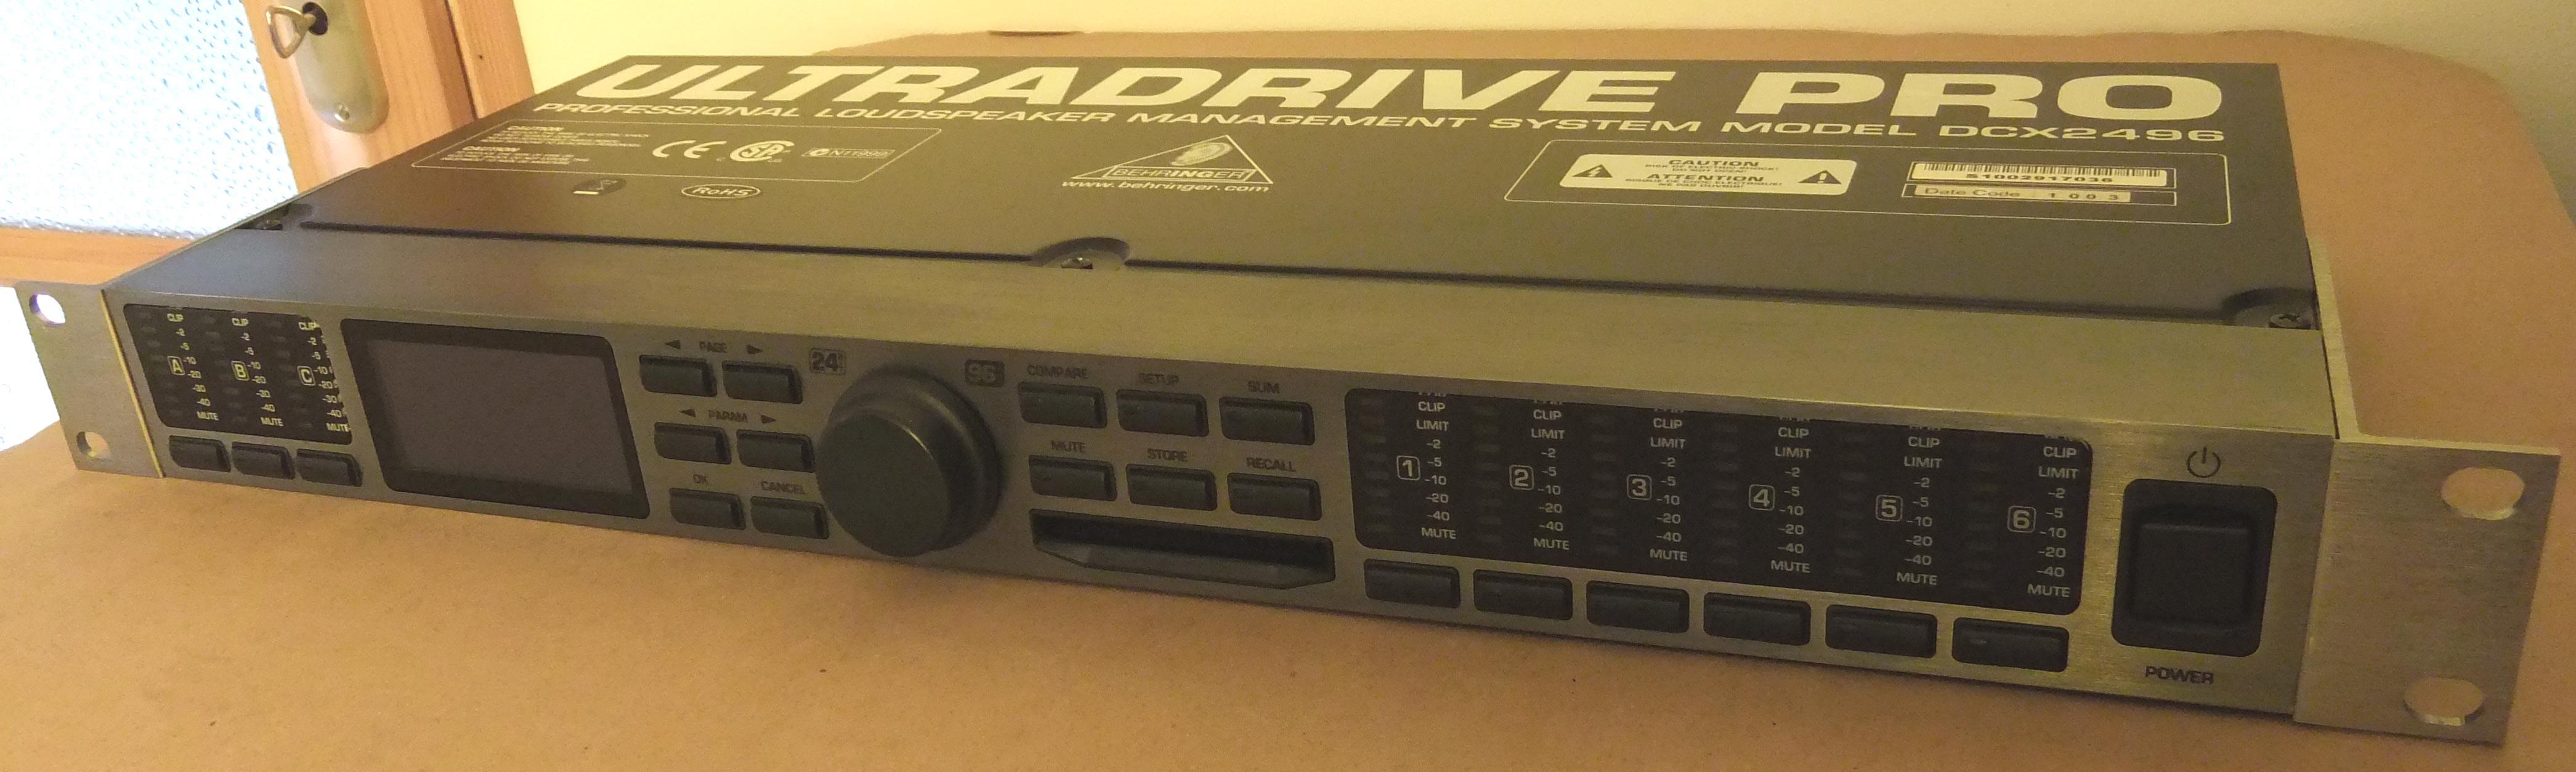 Behringer DCX24Ultradrive Pro Digital Crossover System